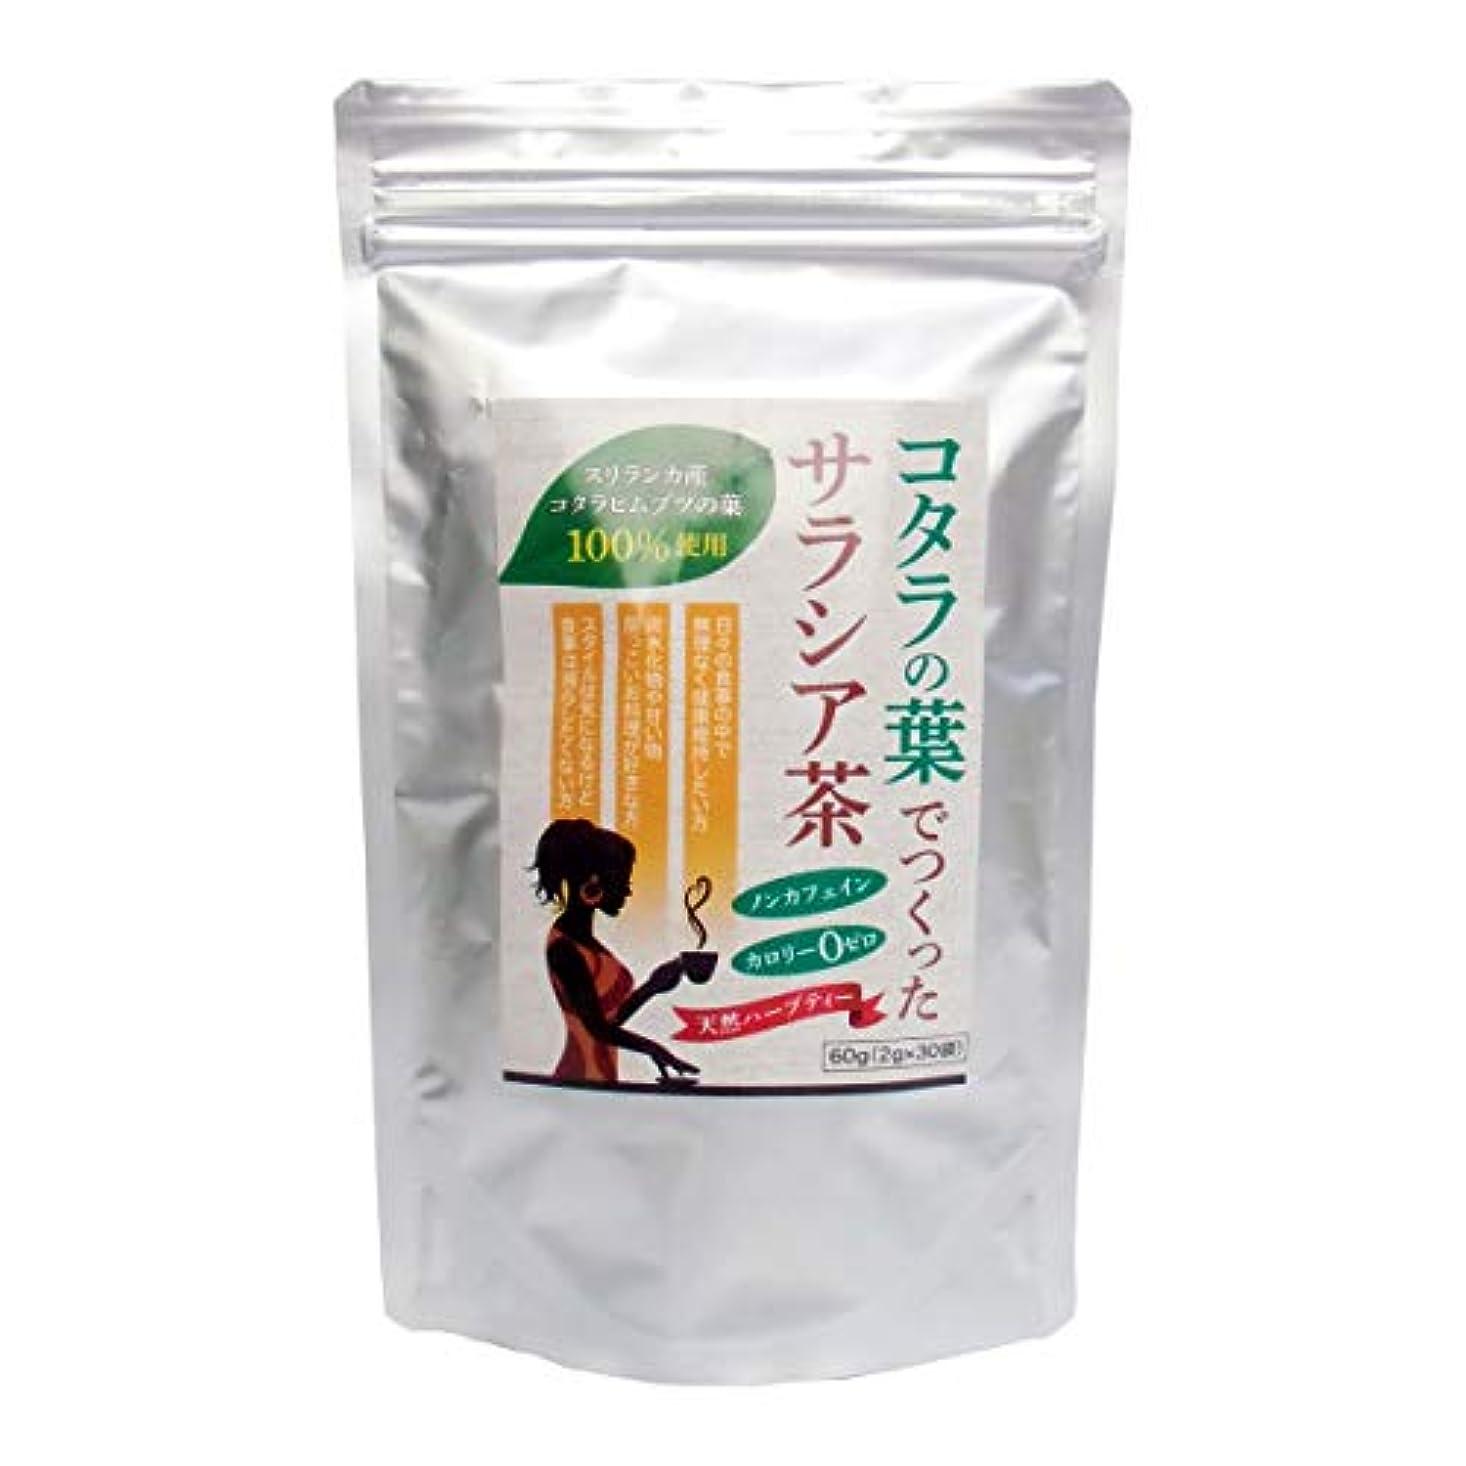 発生するバケット玉【初回限定お試し価格】コタラの葉でつくったサラシア茶 (茶葉タイプ) 60g (2g×30袋)